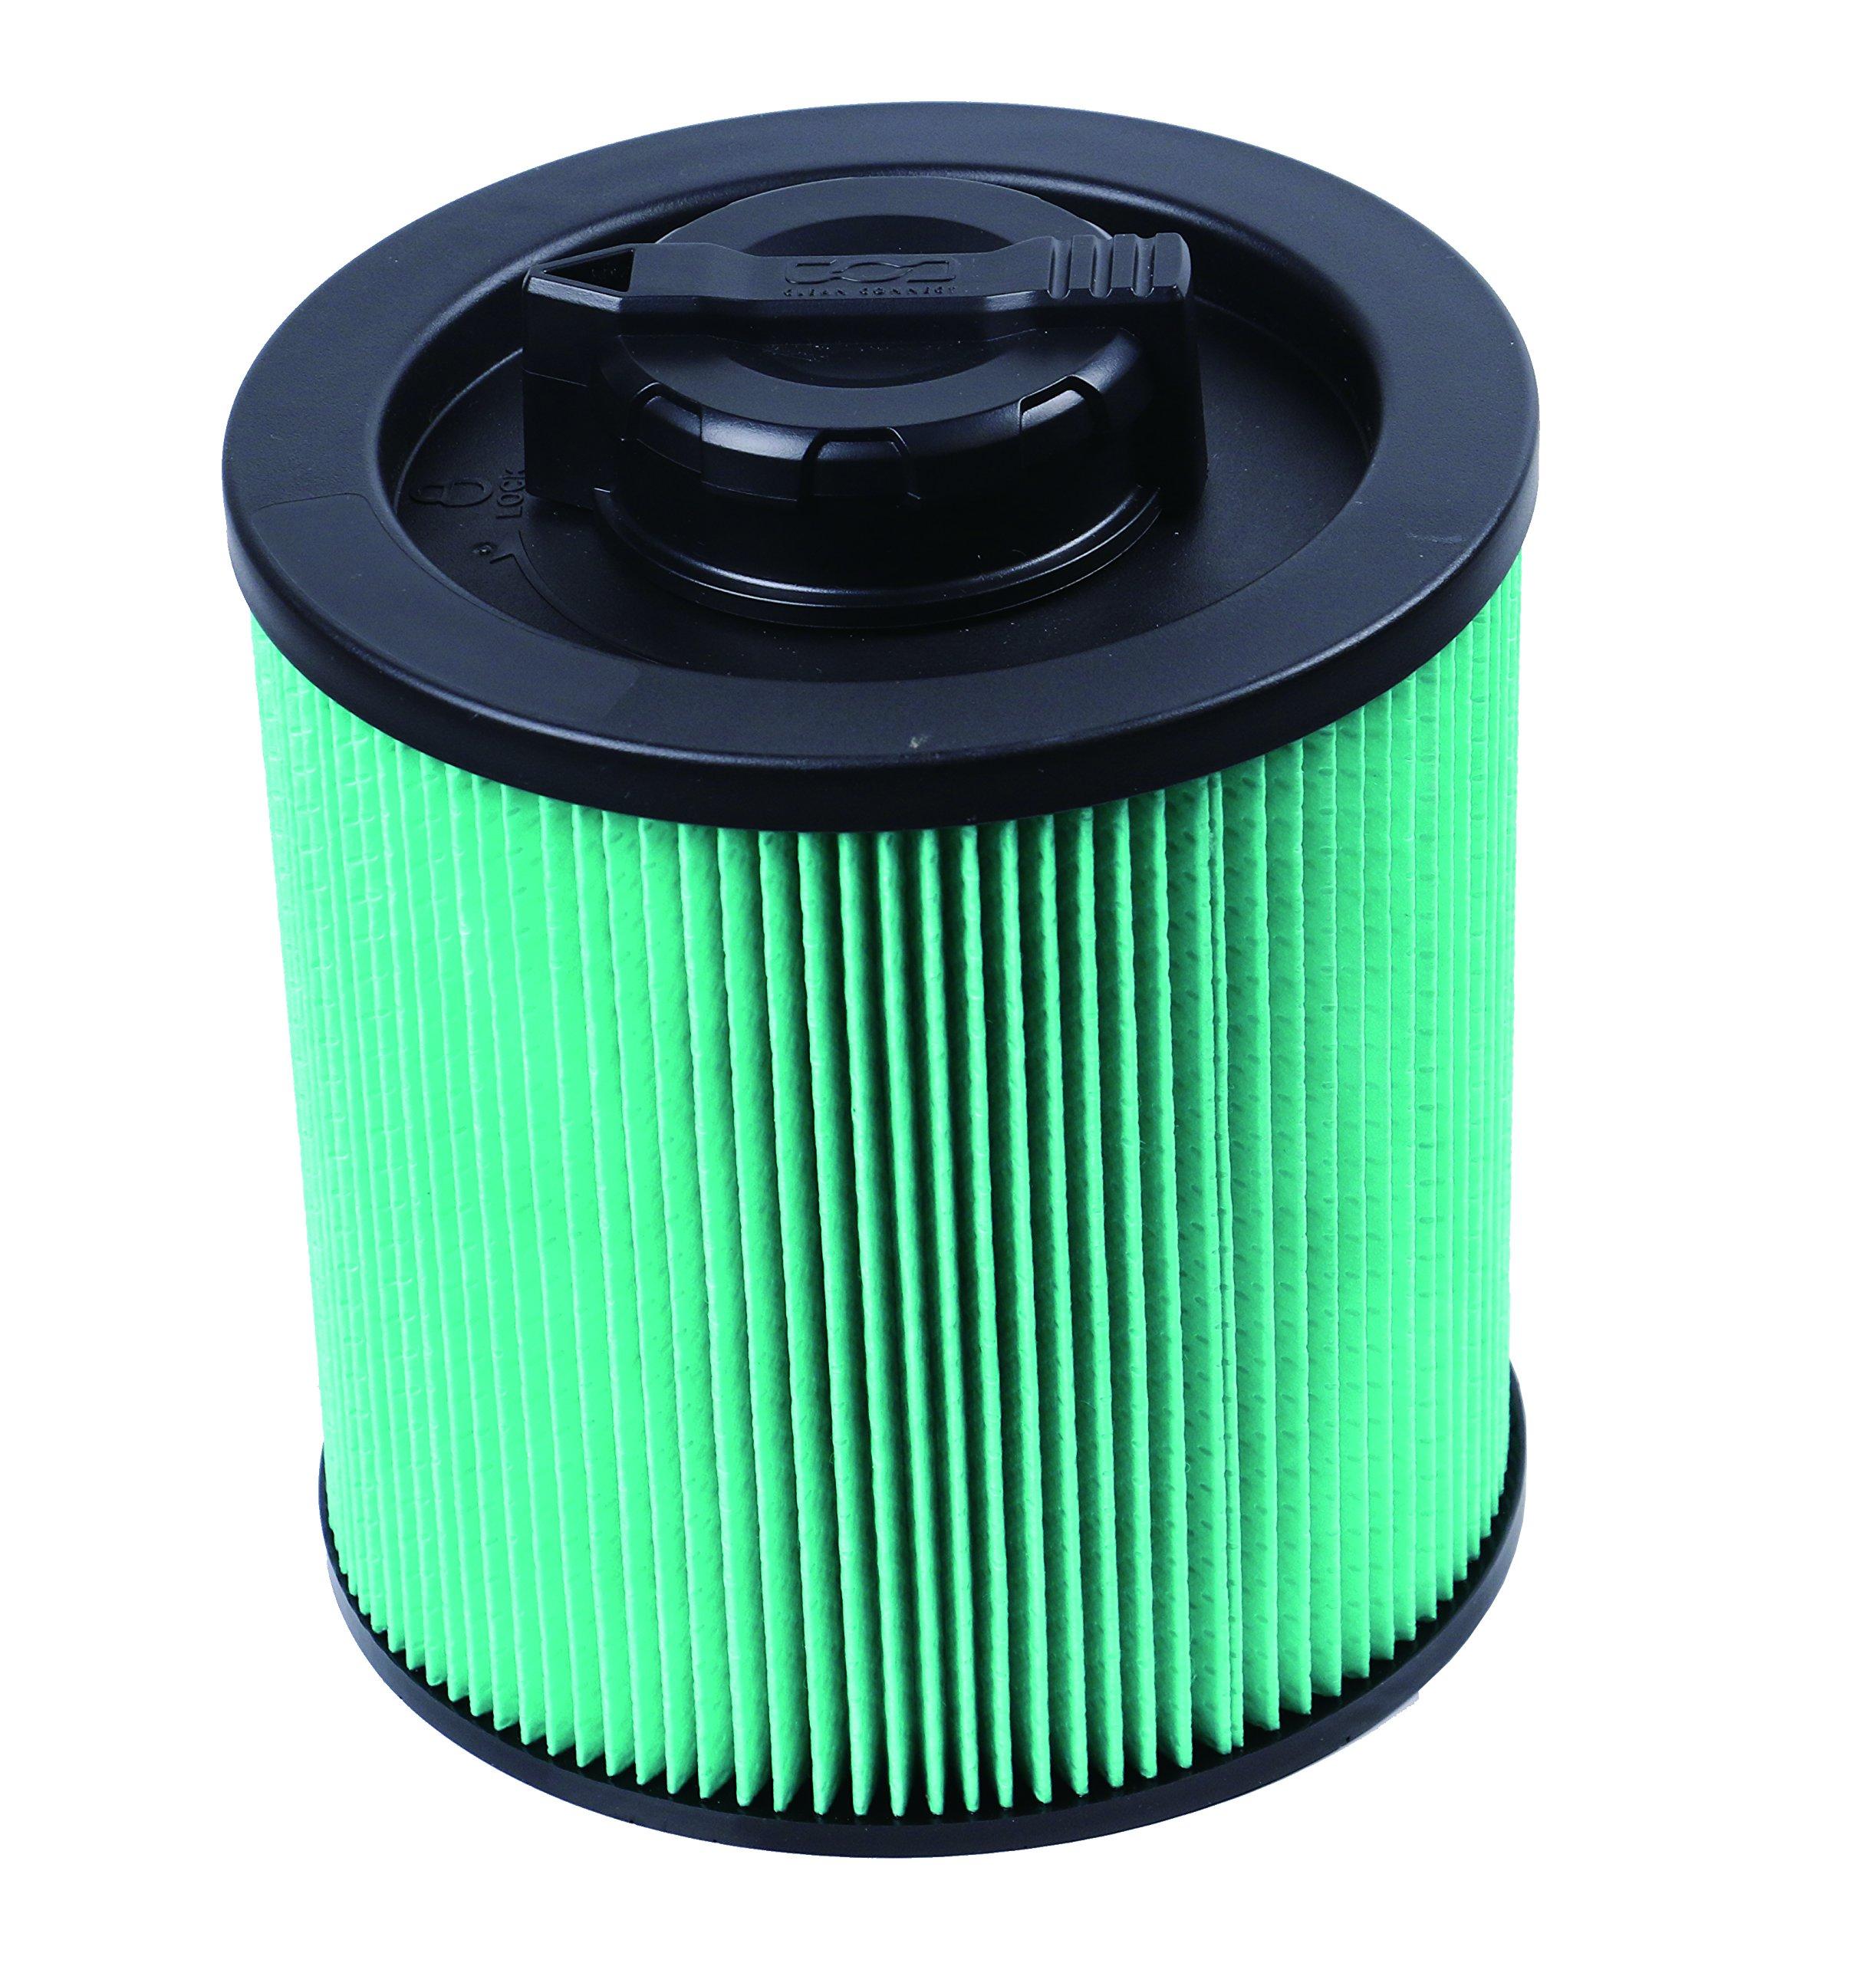 DeWALT Cartridge Filter-HEPA 6-16 gal by DEWALT